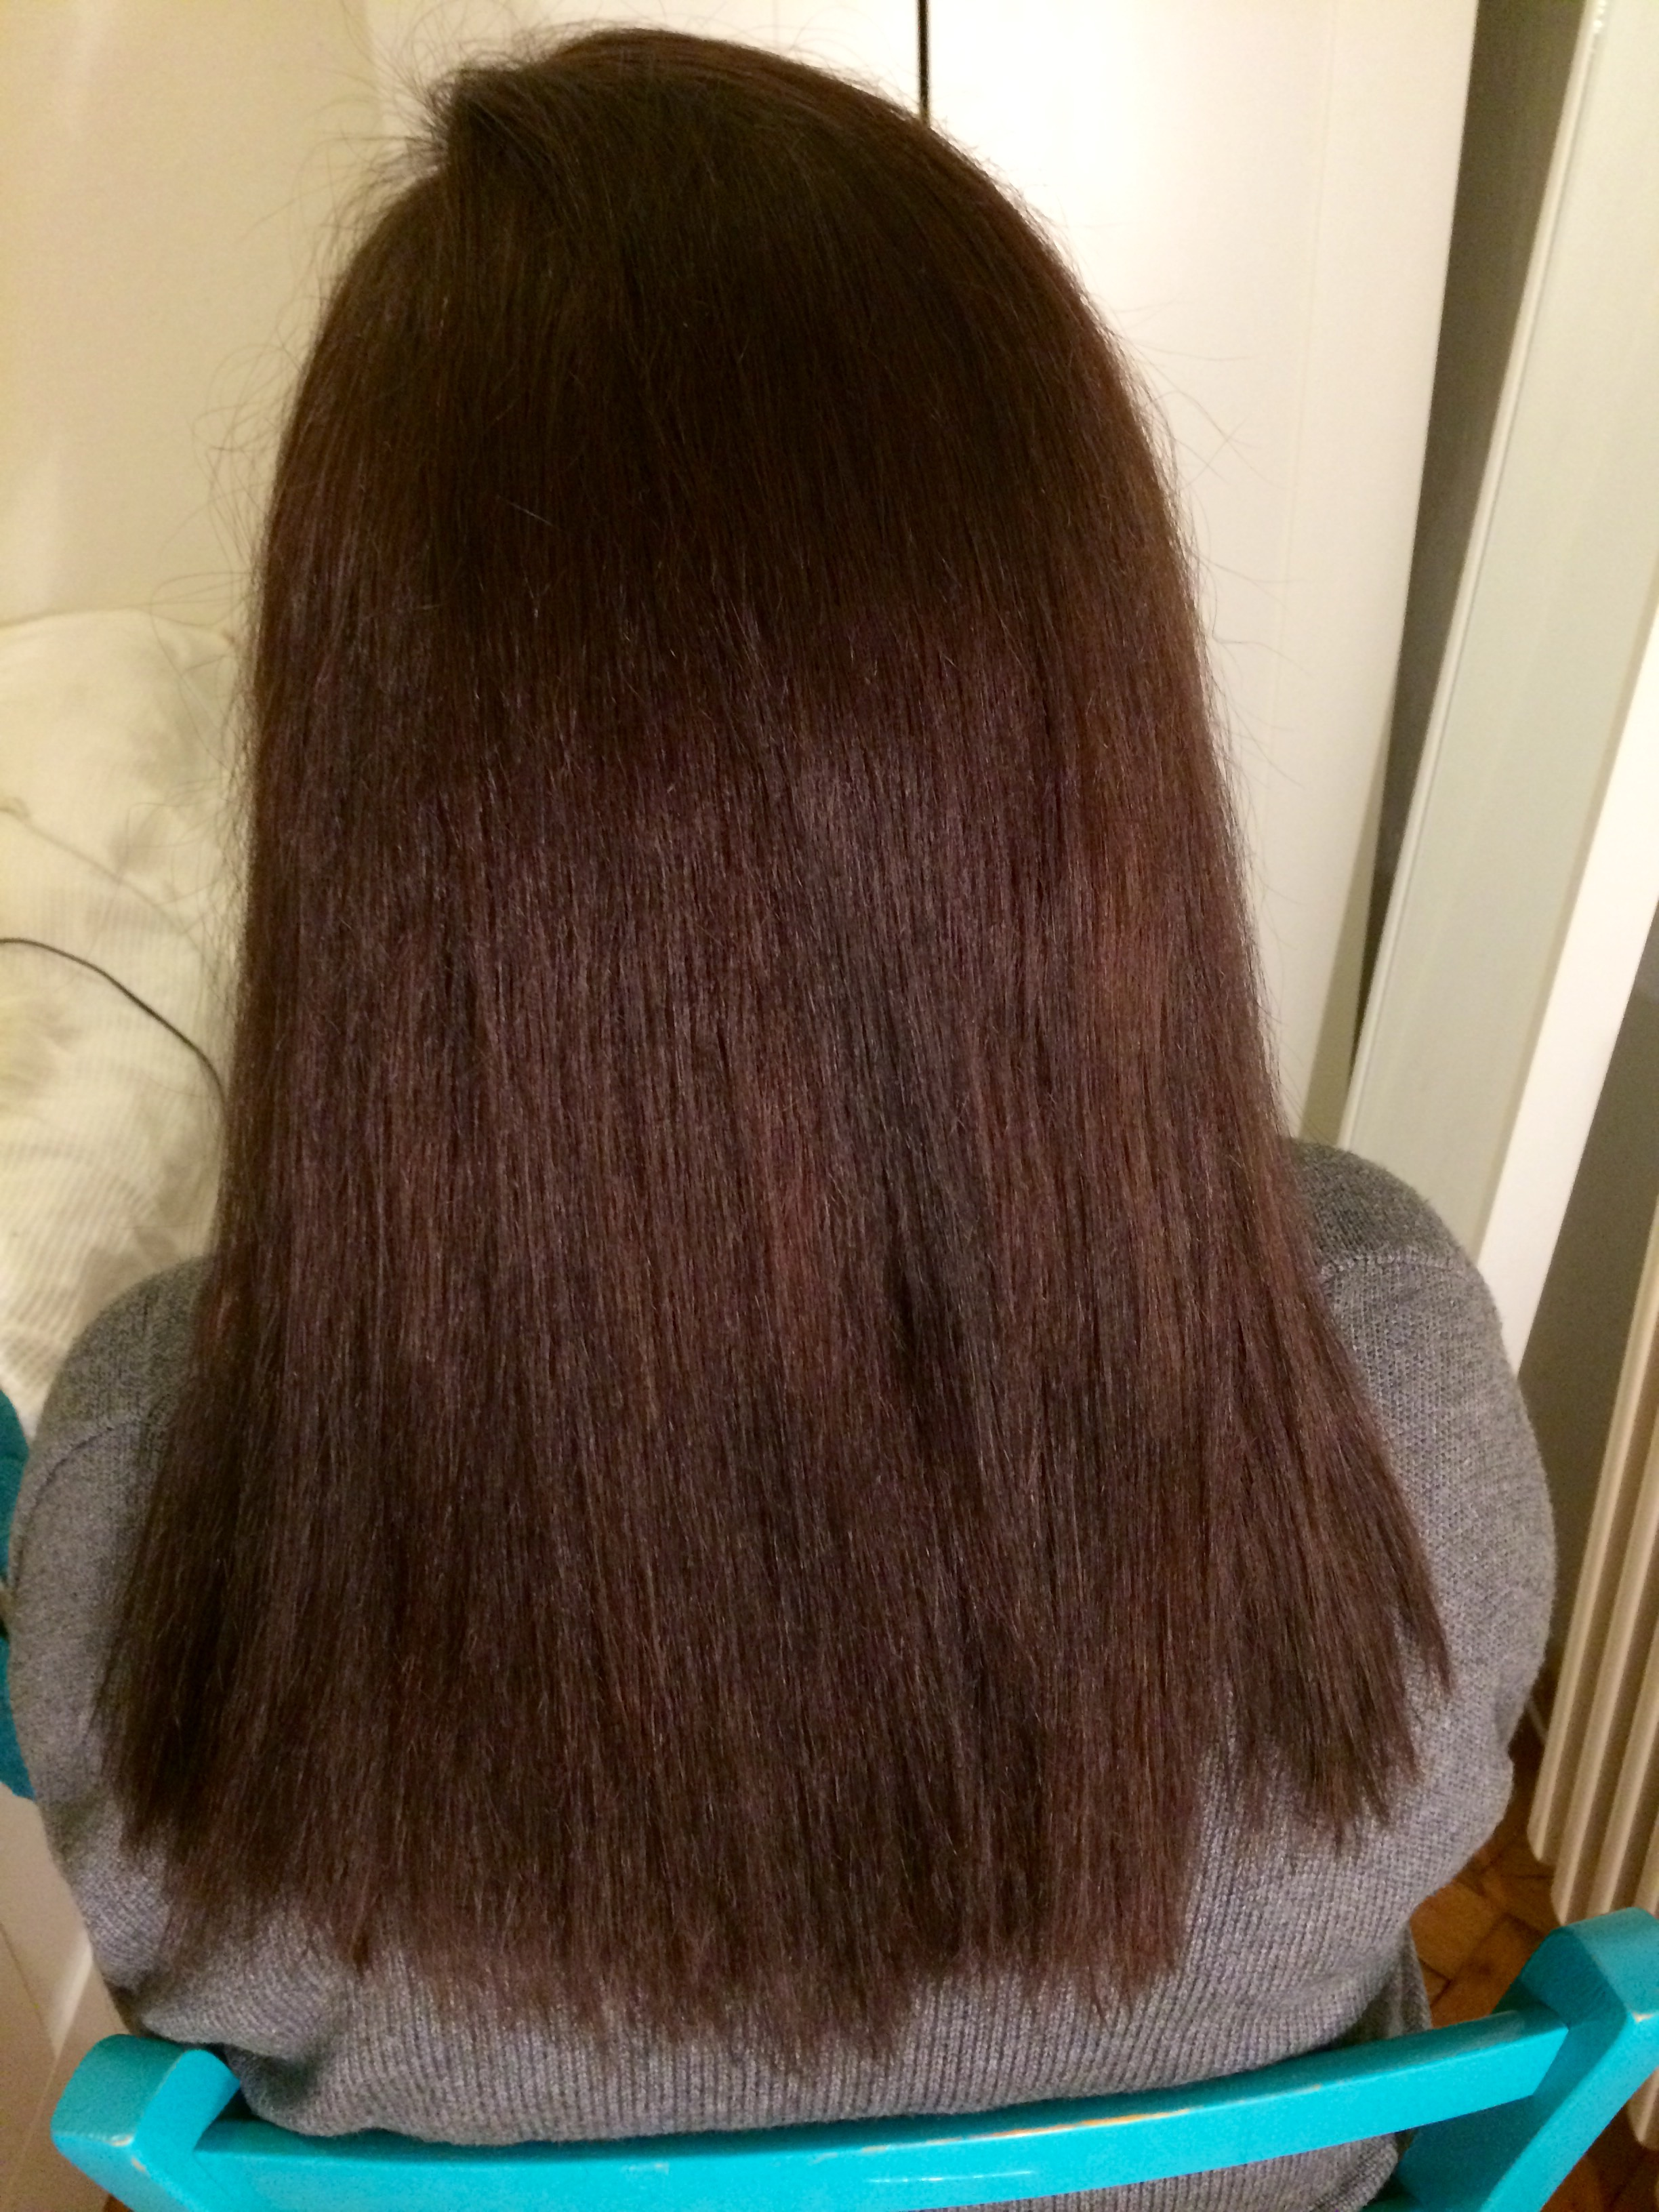 Selbst Haare Färben Eine Checkliste Haarbegeistert